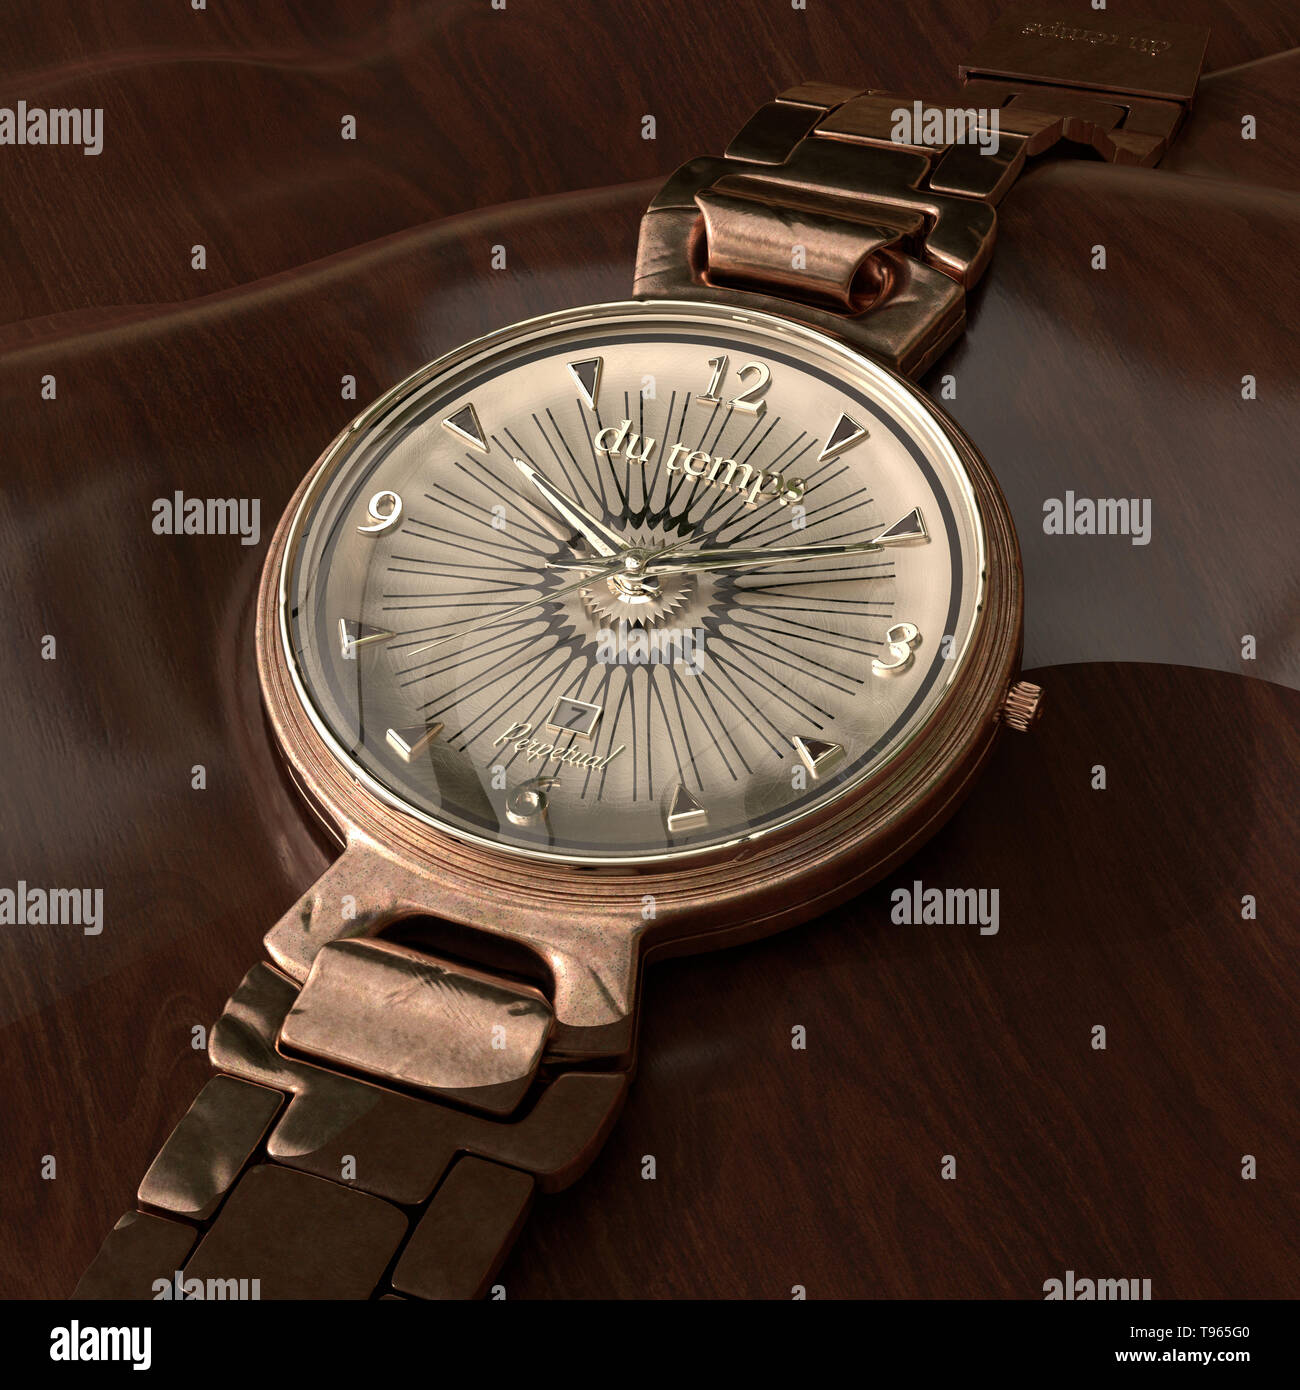 Bild von Vintage watch auf Holz Oberfläche Stockbild